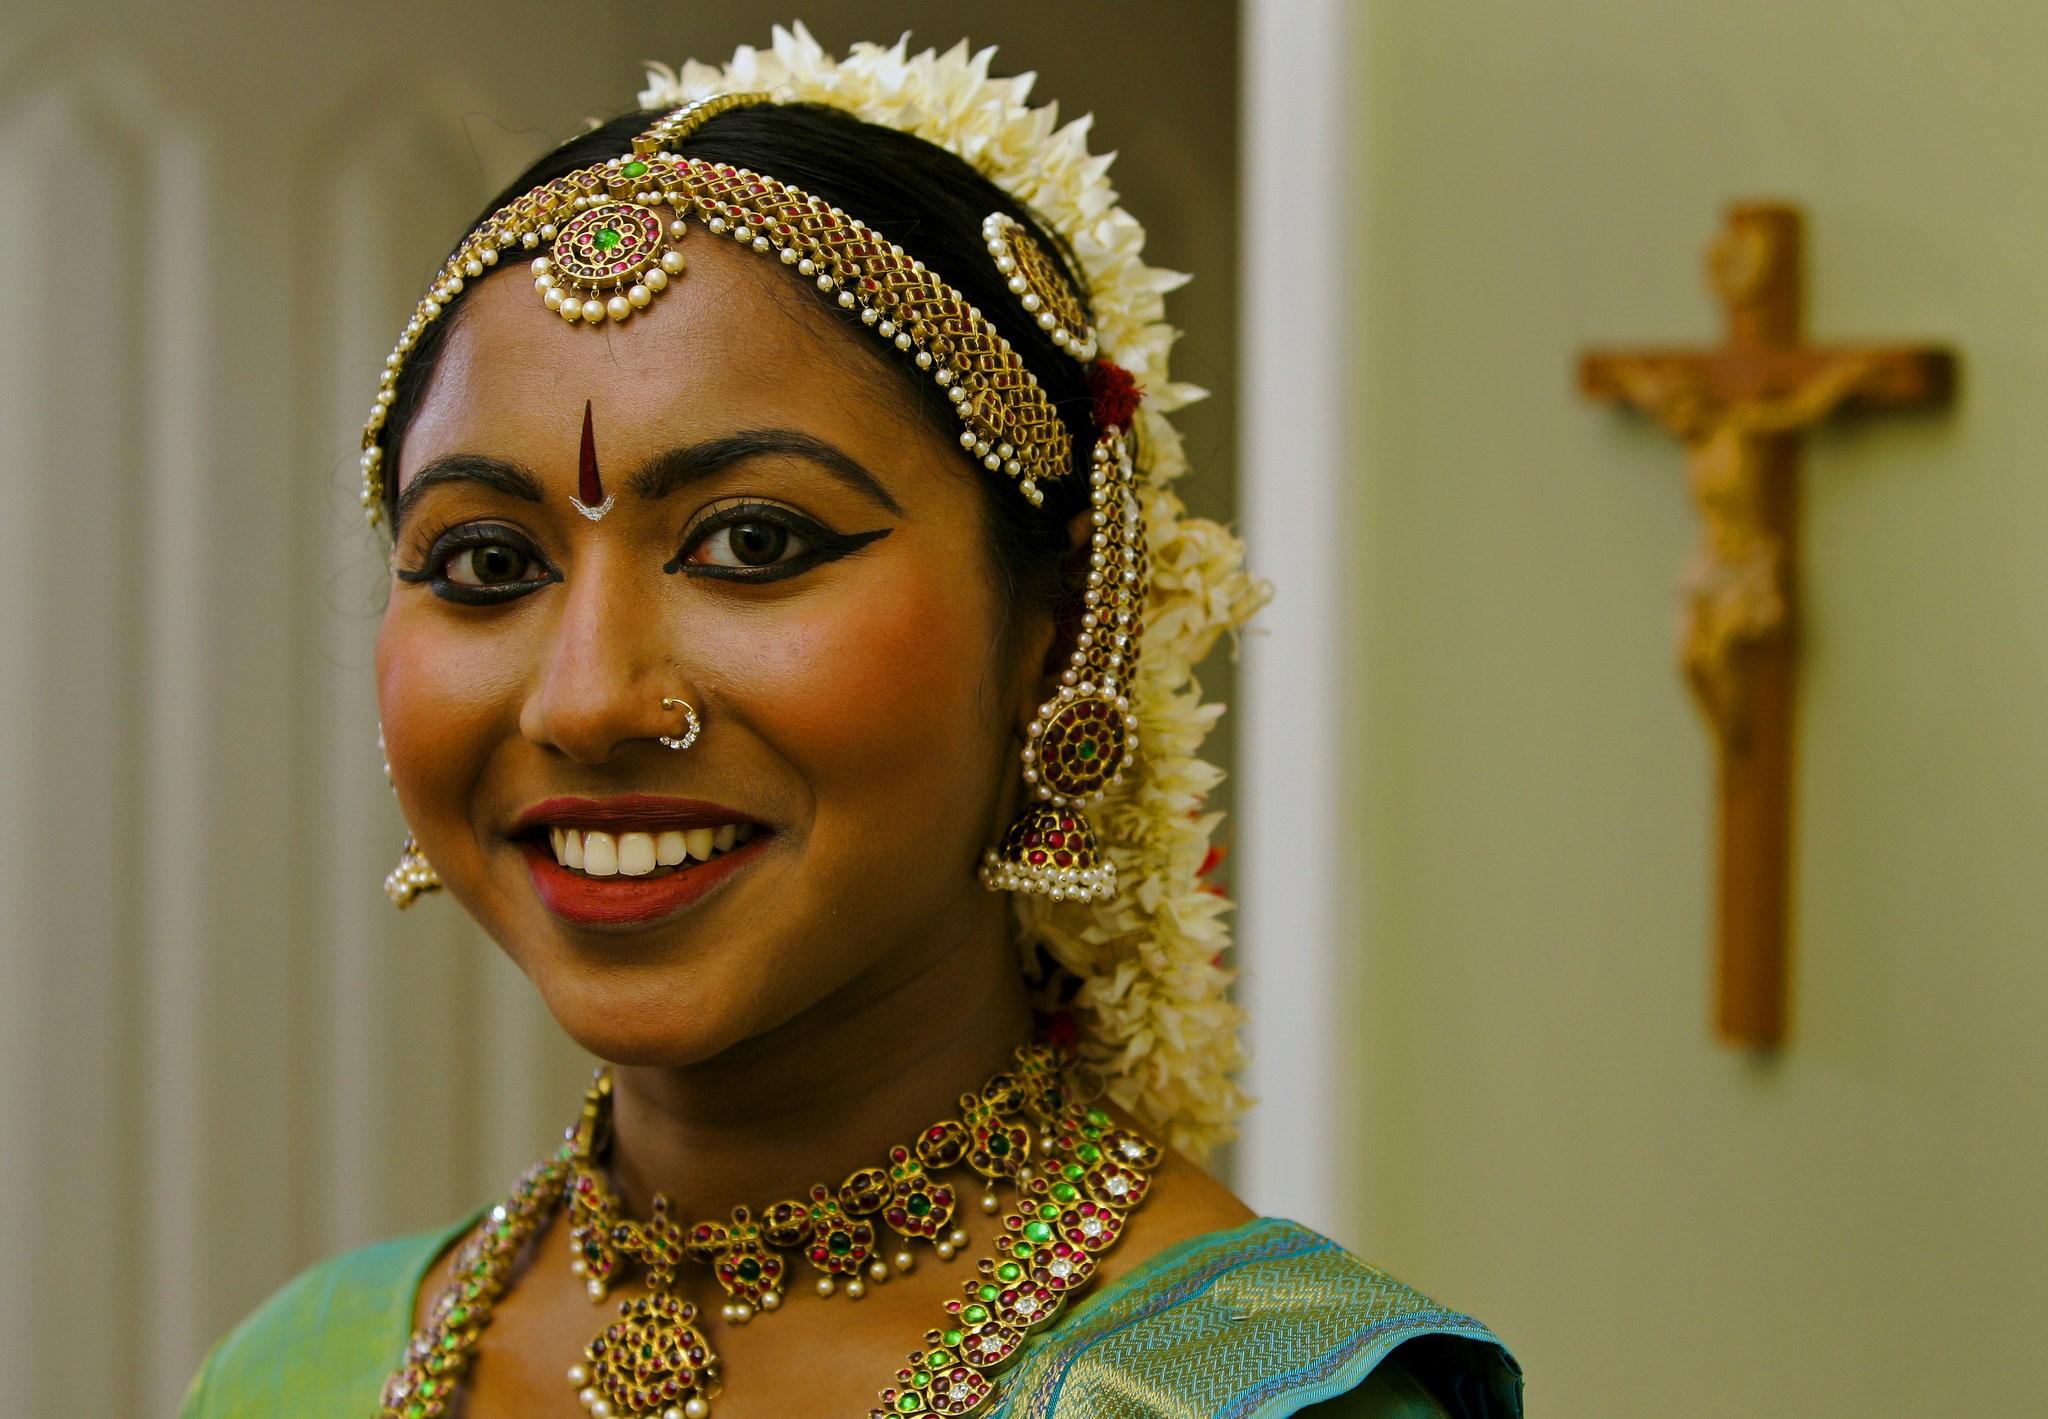 Dancing for God: Christian dancer steps into her Indian